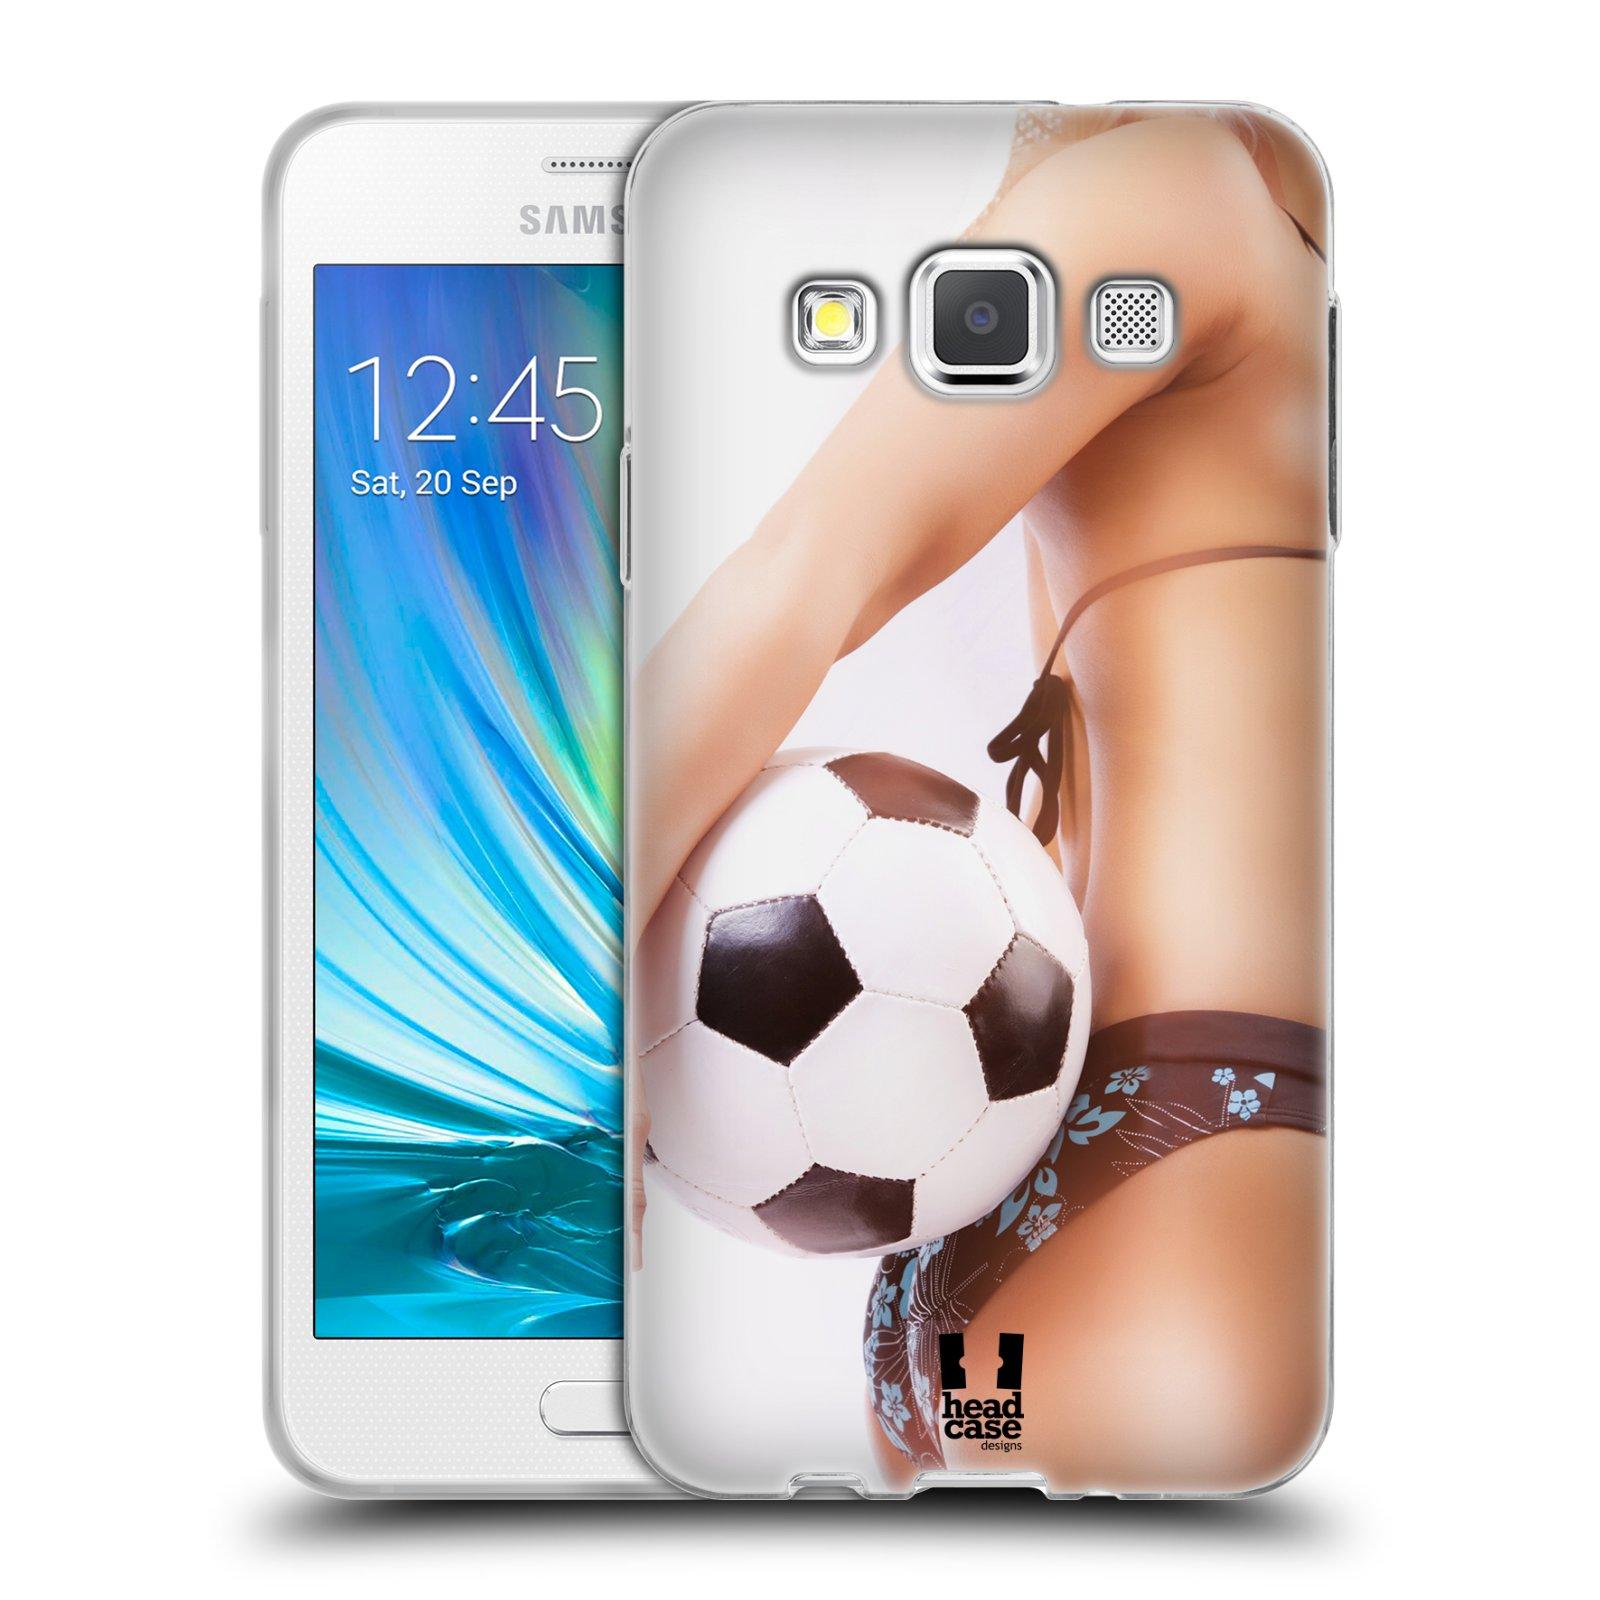 HEAD CASE silikonový obal na mobil Samsung Galaxy A3 vzor Fotbalové modelky KOPACÍ MÍČ